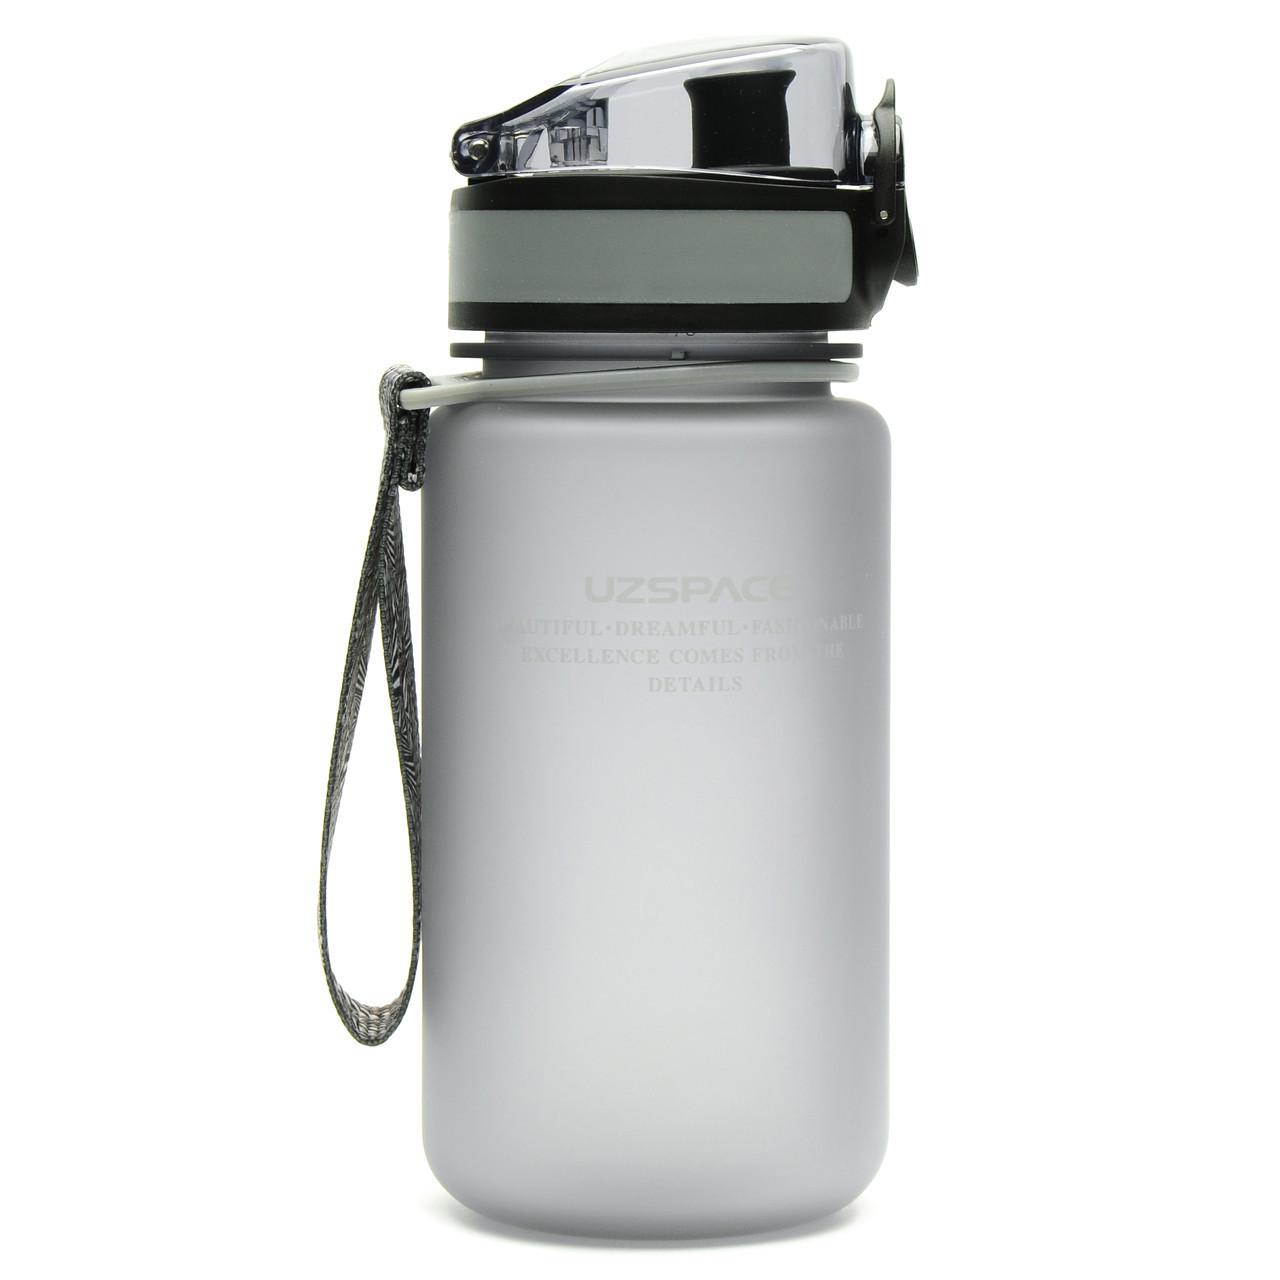 Пляшка фляга спортивна для води UZspace 3034 350 мл Сірий (gr_012032)